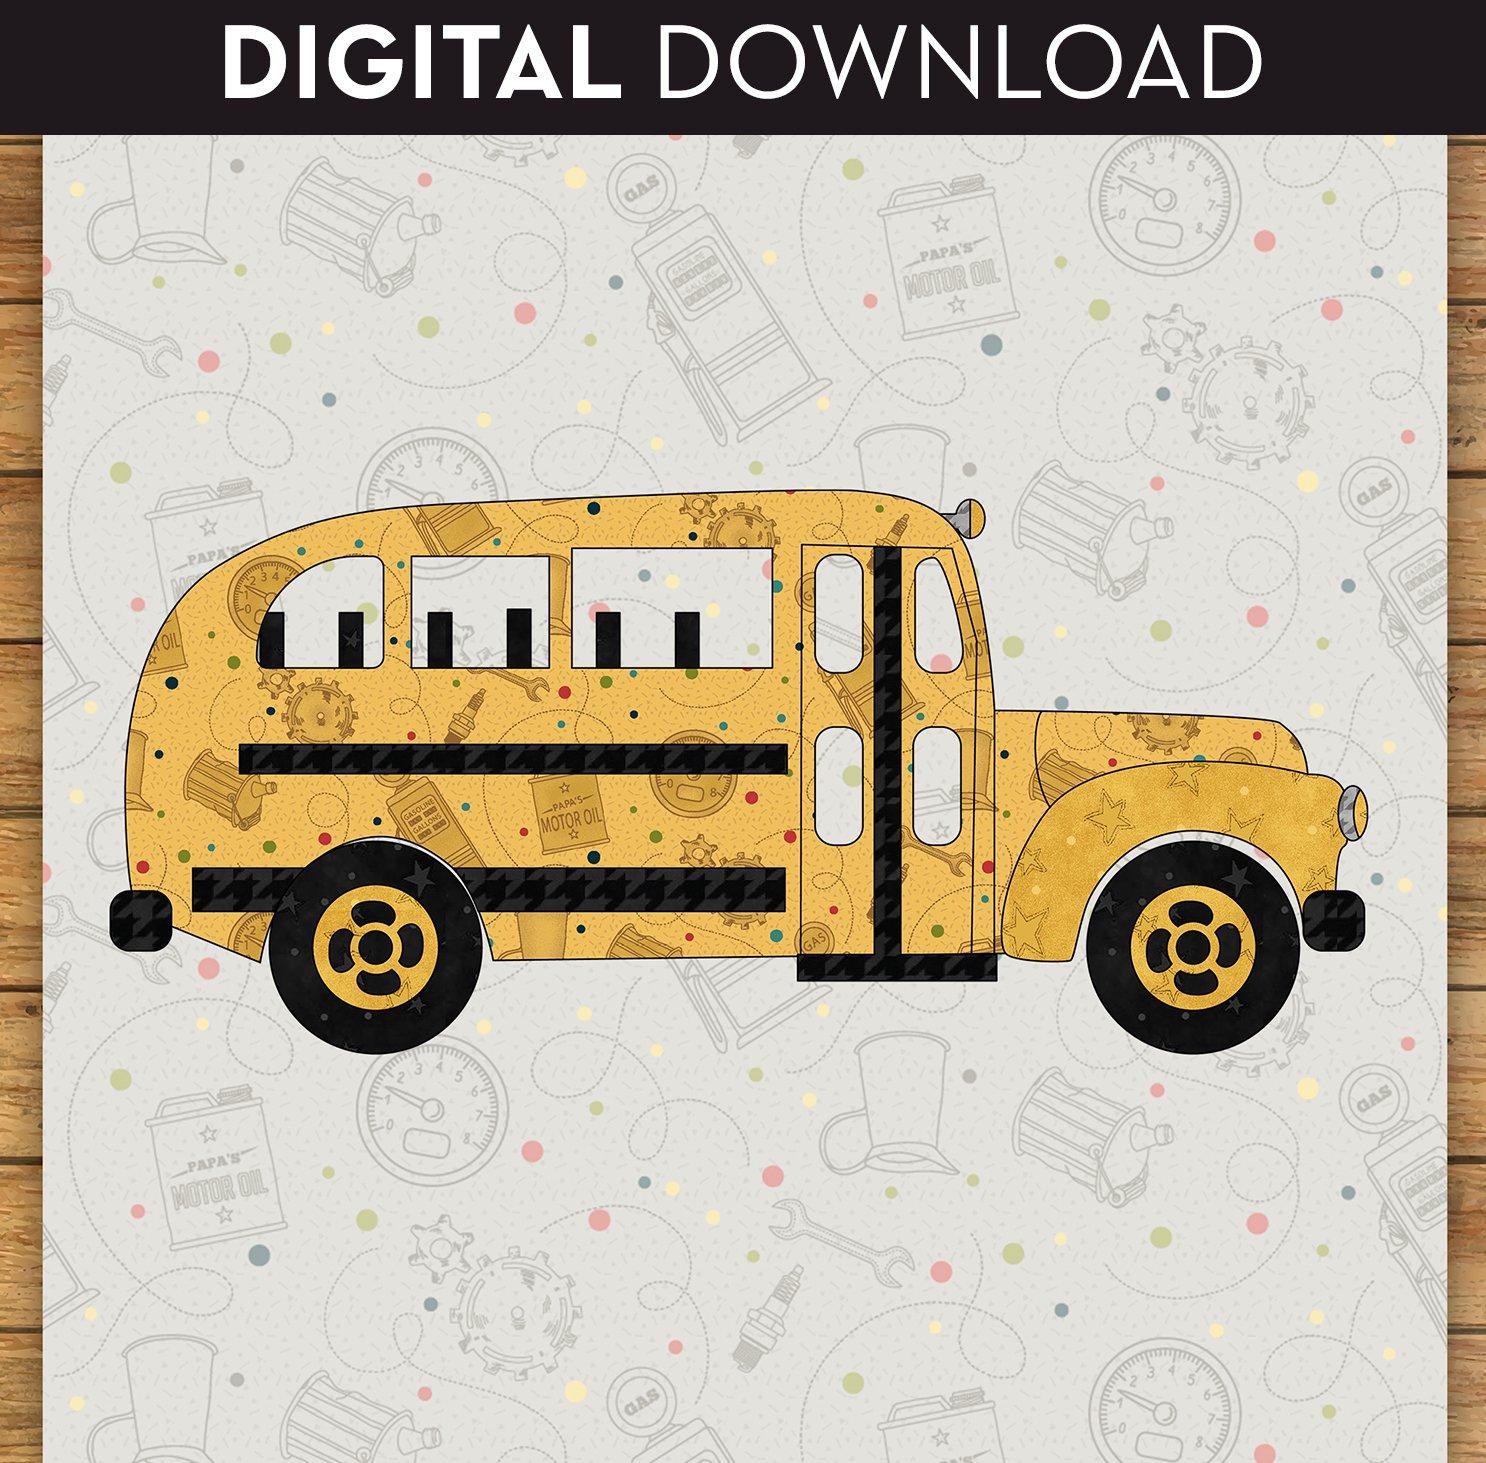 School Bus - Download